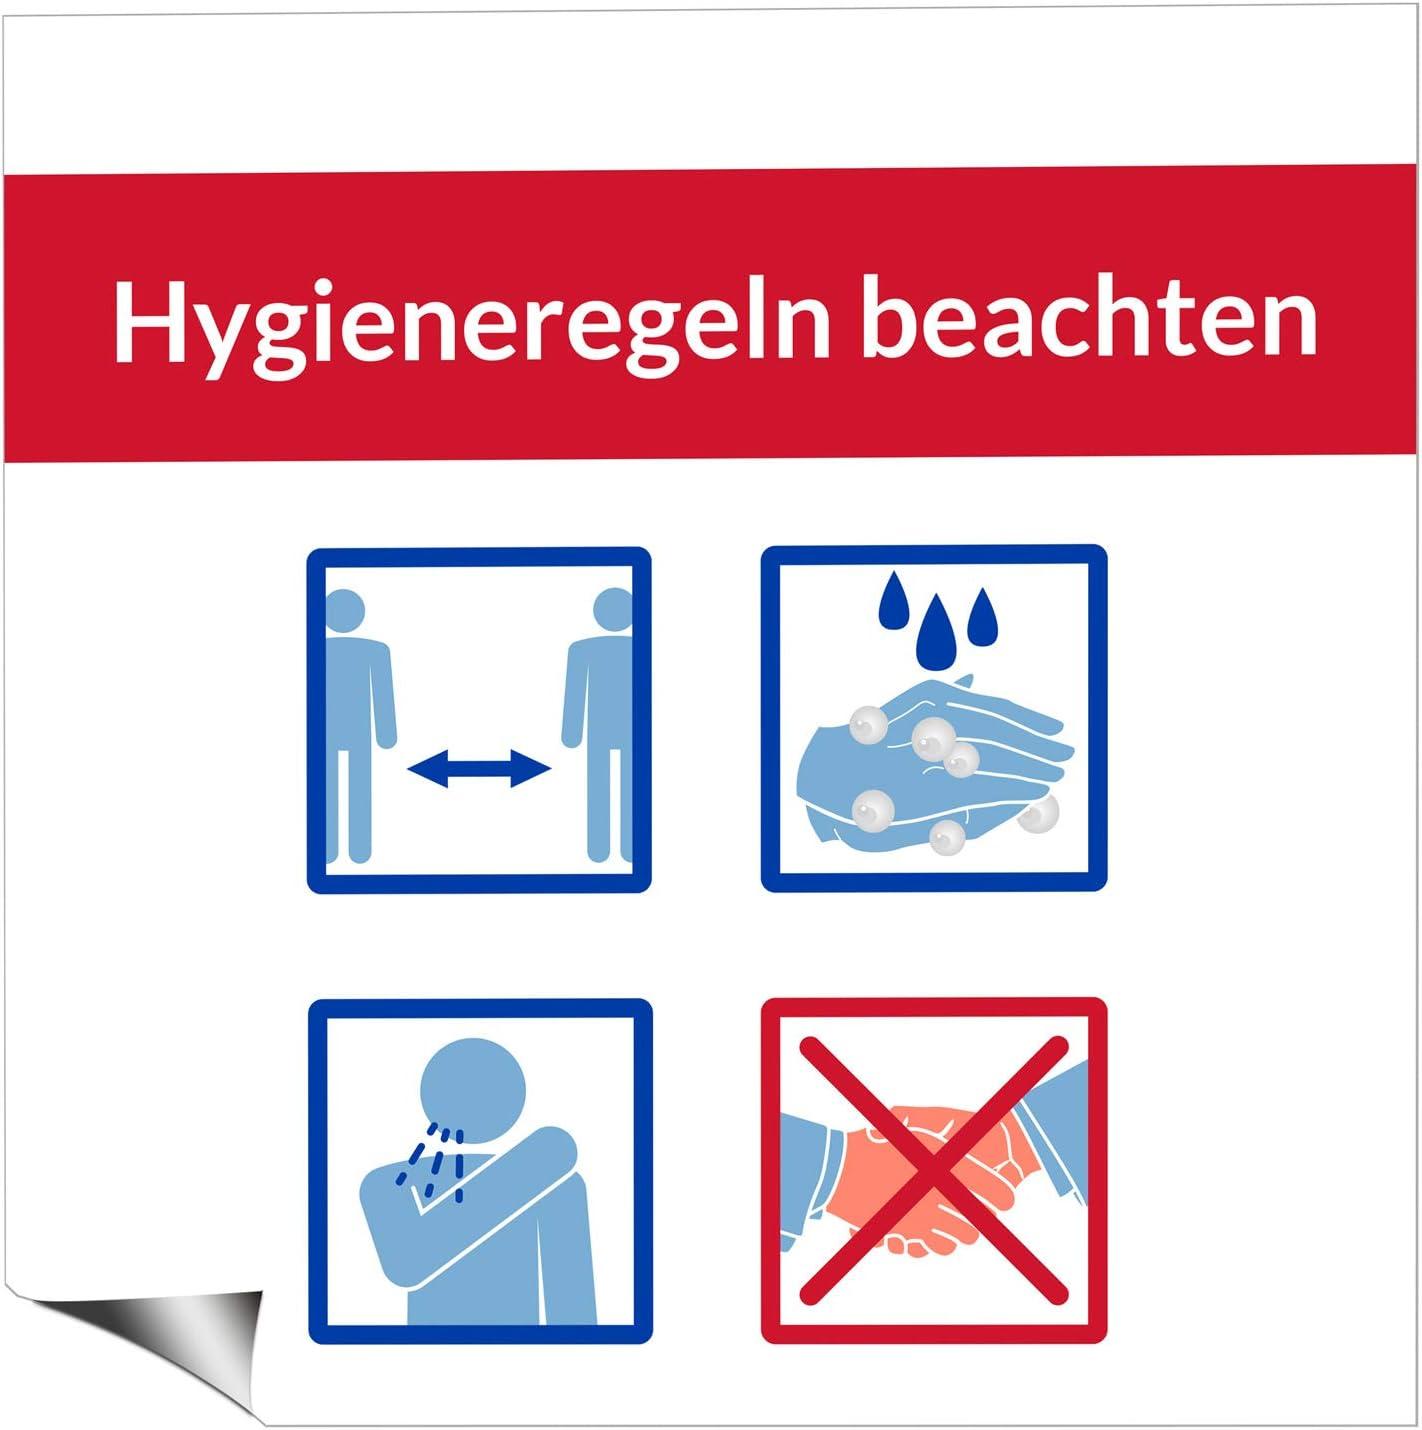 Vispronet Fu/ßbodenaufkleber Hygieneregeln 55x55 cm ✓ abl/ösbar ✓ antirutscheffekt ✓ Schutzlaminierung ✓ Aufkleber f/ür Glatte Oberfl/ächen